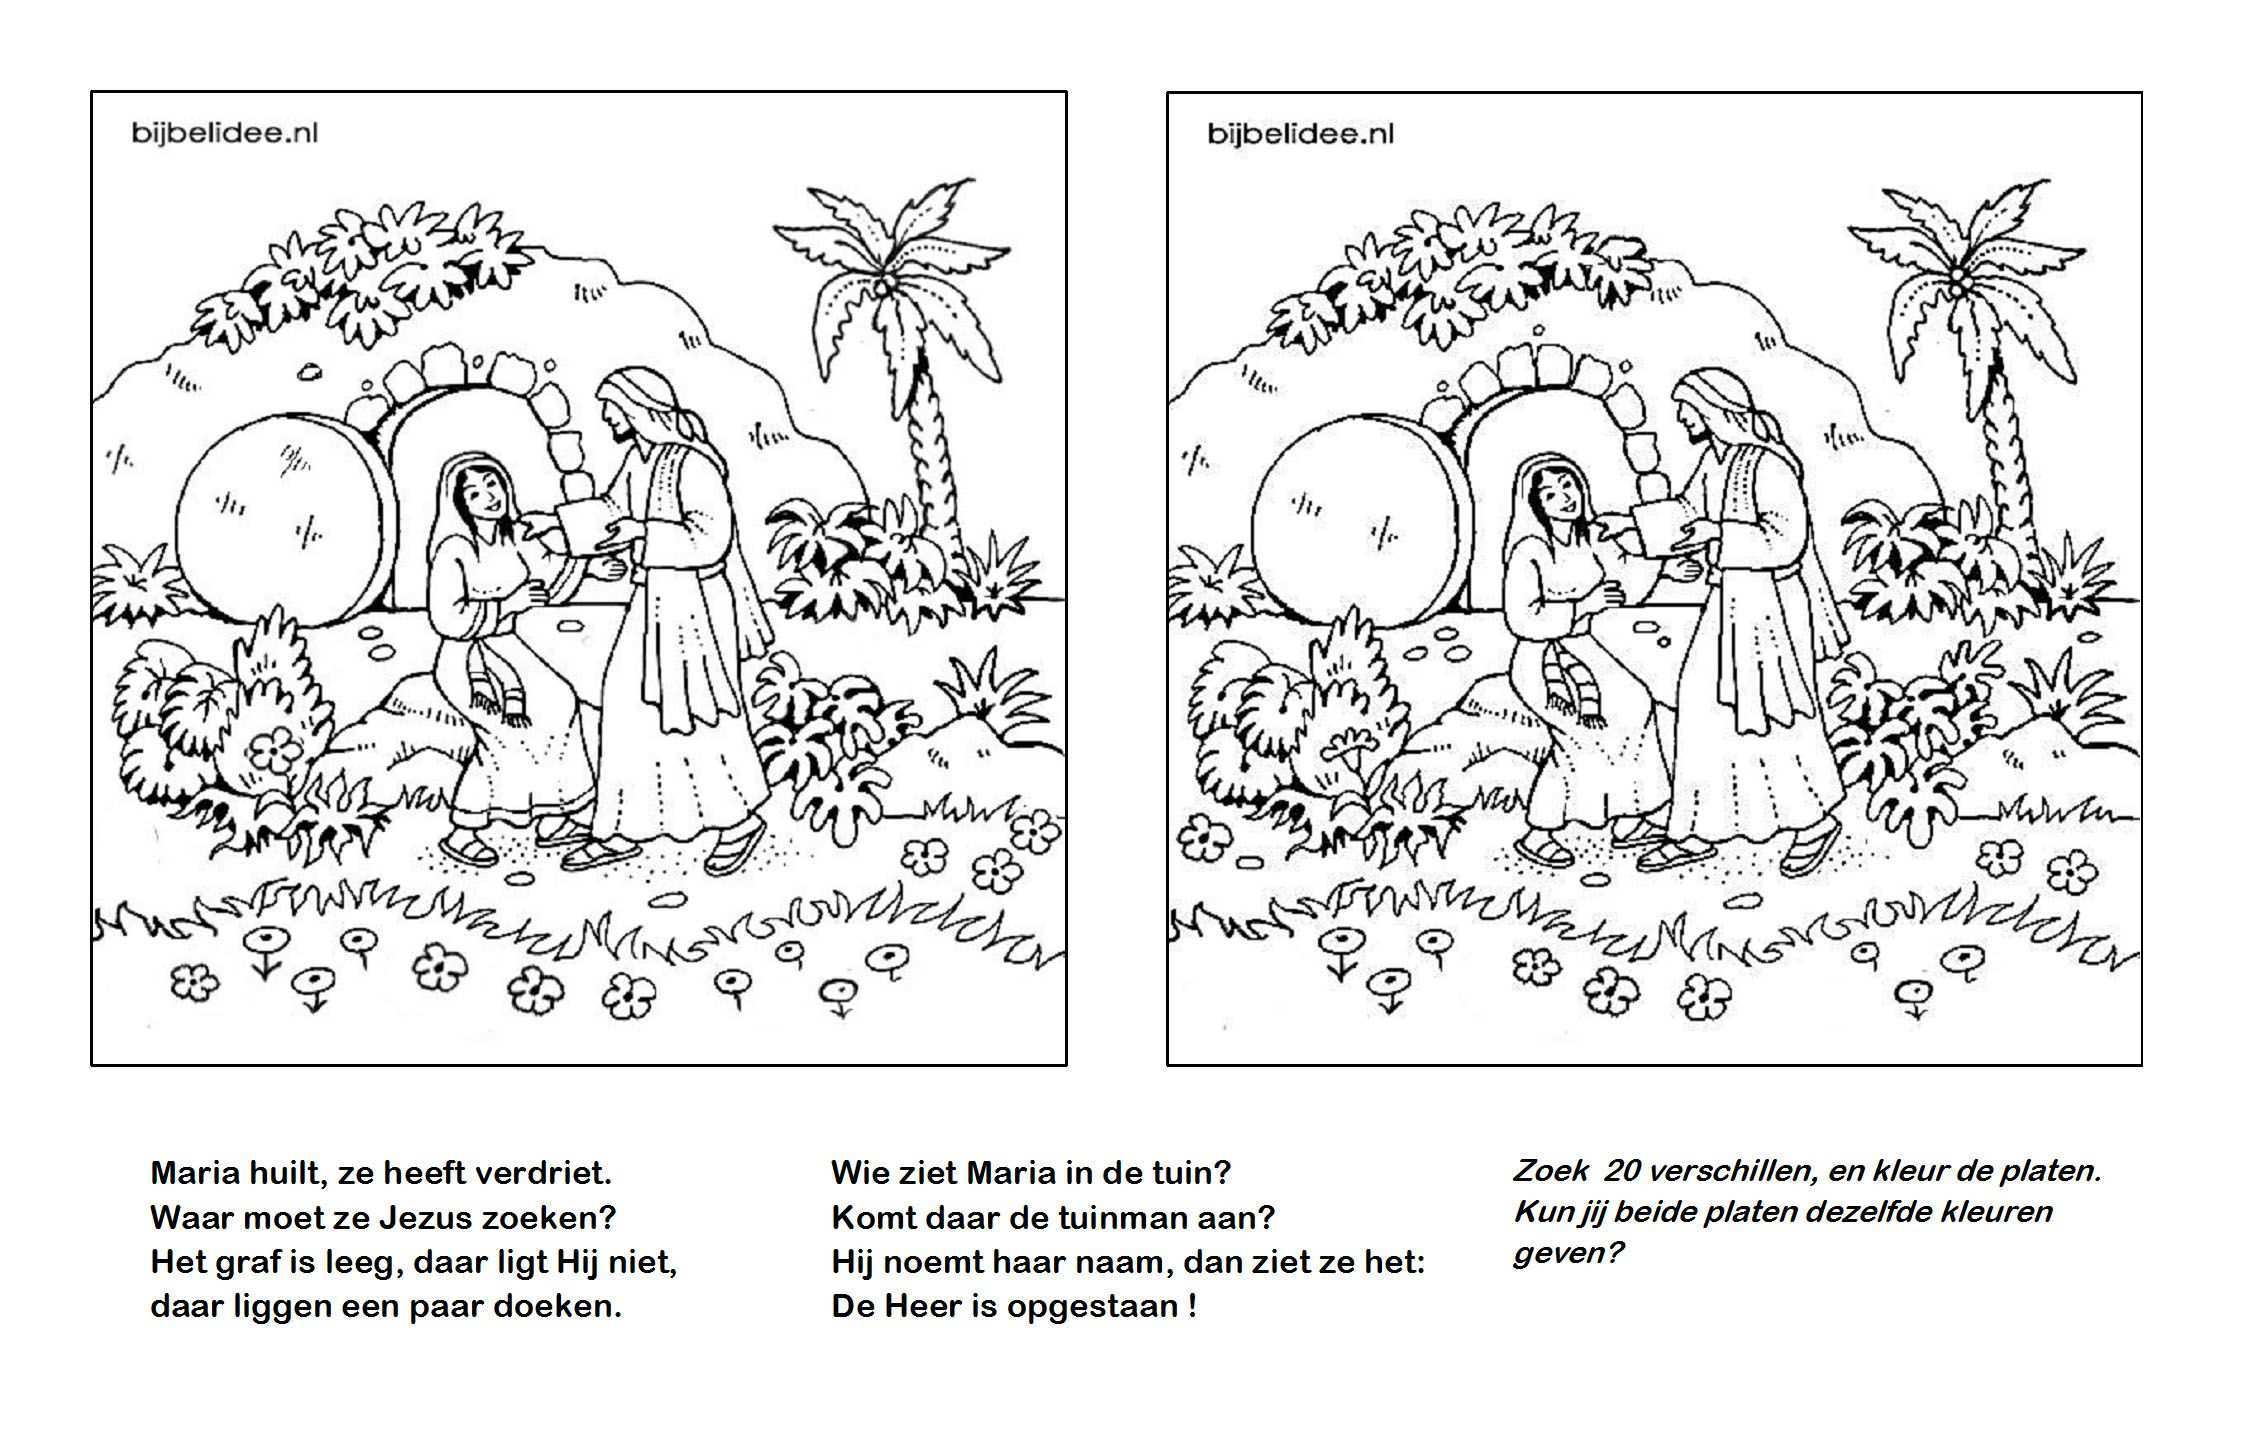 Pasen Maria Ziet Jezus In De Tuin Kleurplaten Zoek De Verschillen Www Bijbelidee Nl Zondagsschool Knutselen Pasen Bijbel Kleurplaten